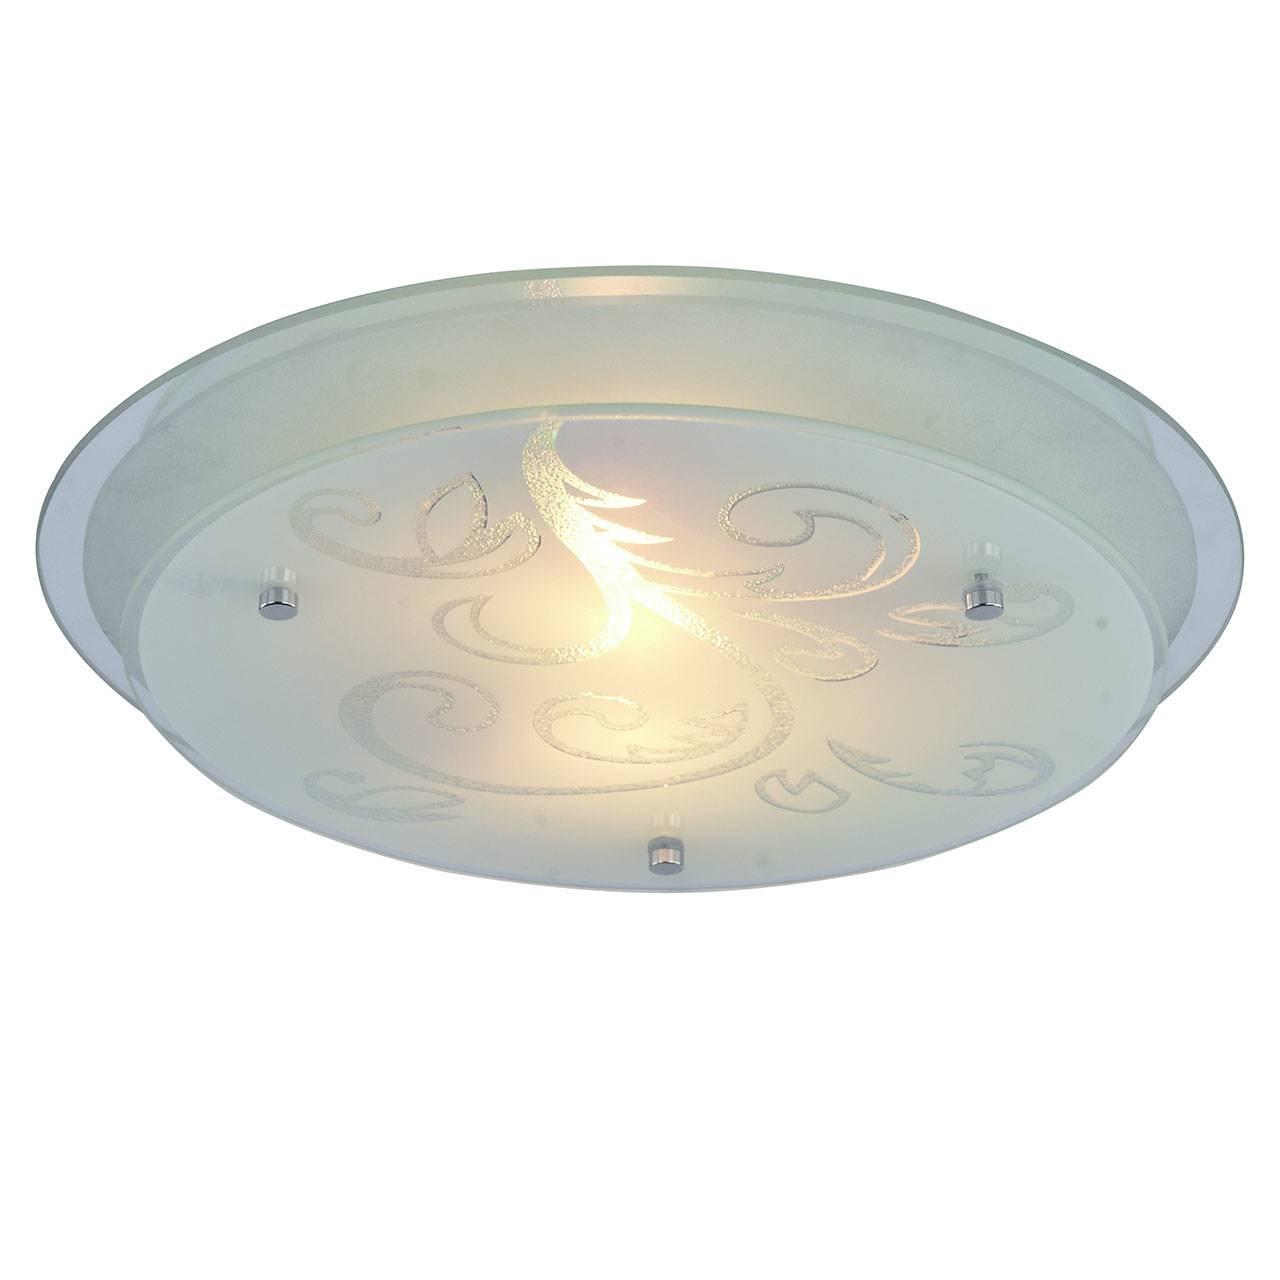 Потолочный светильник Arte Lamp A4865Pl-2CC